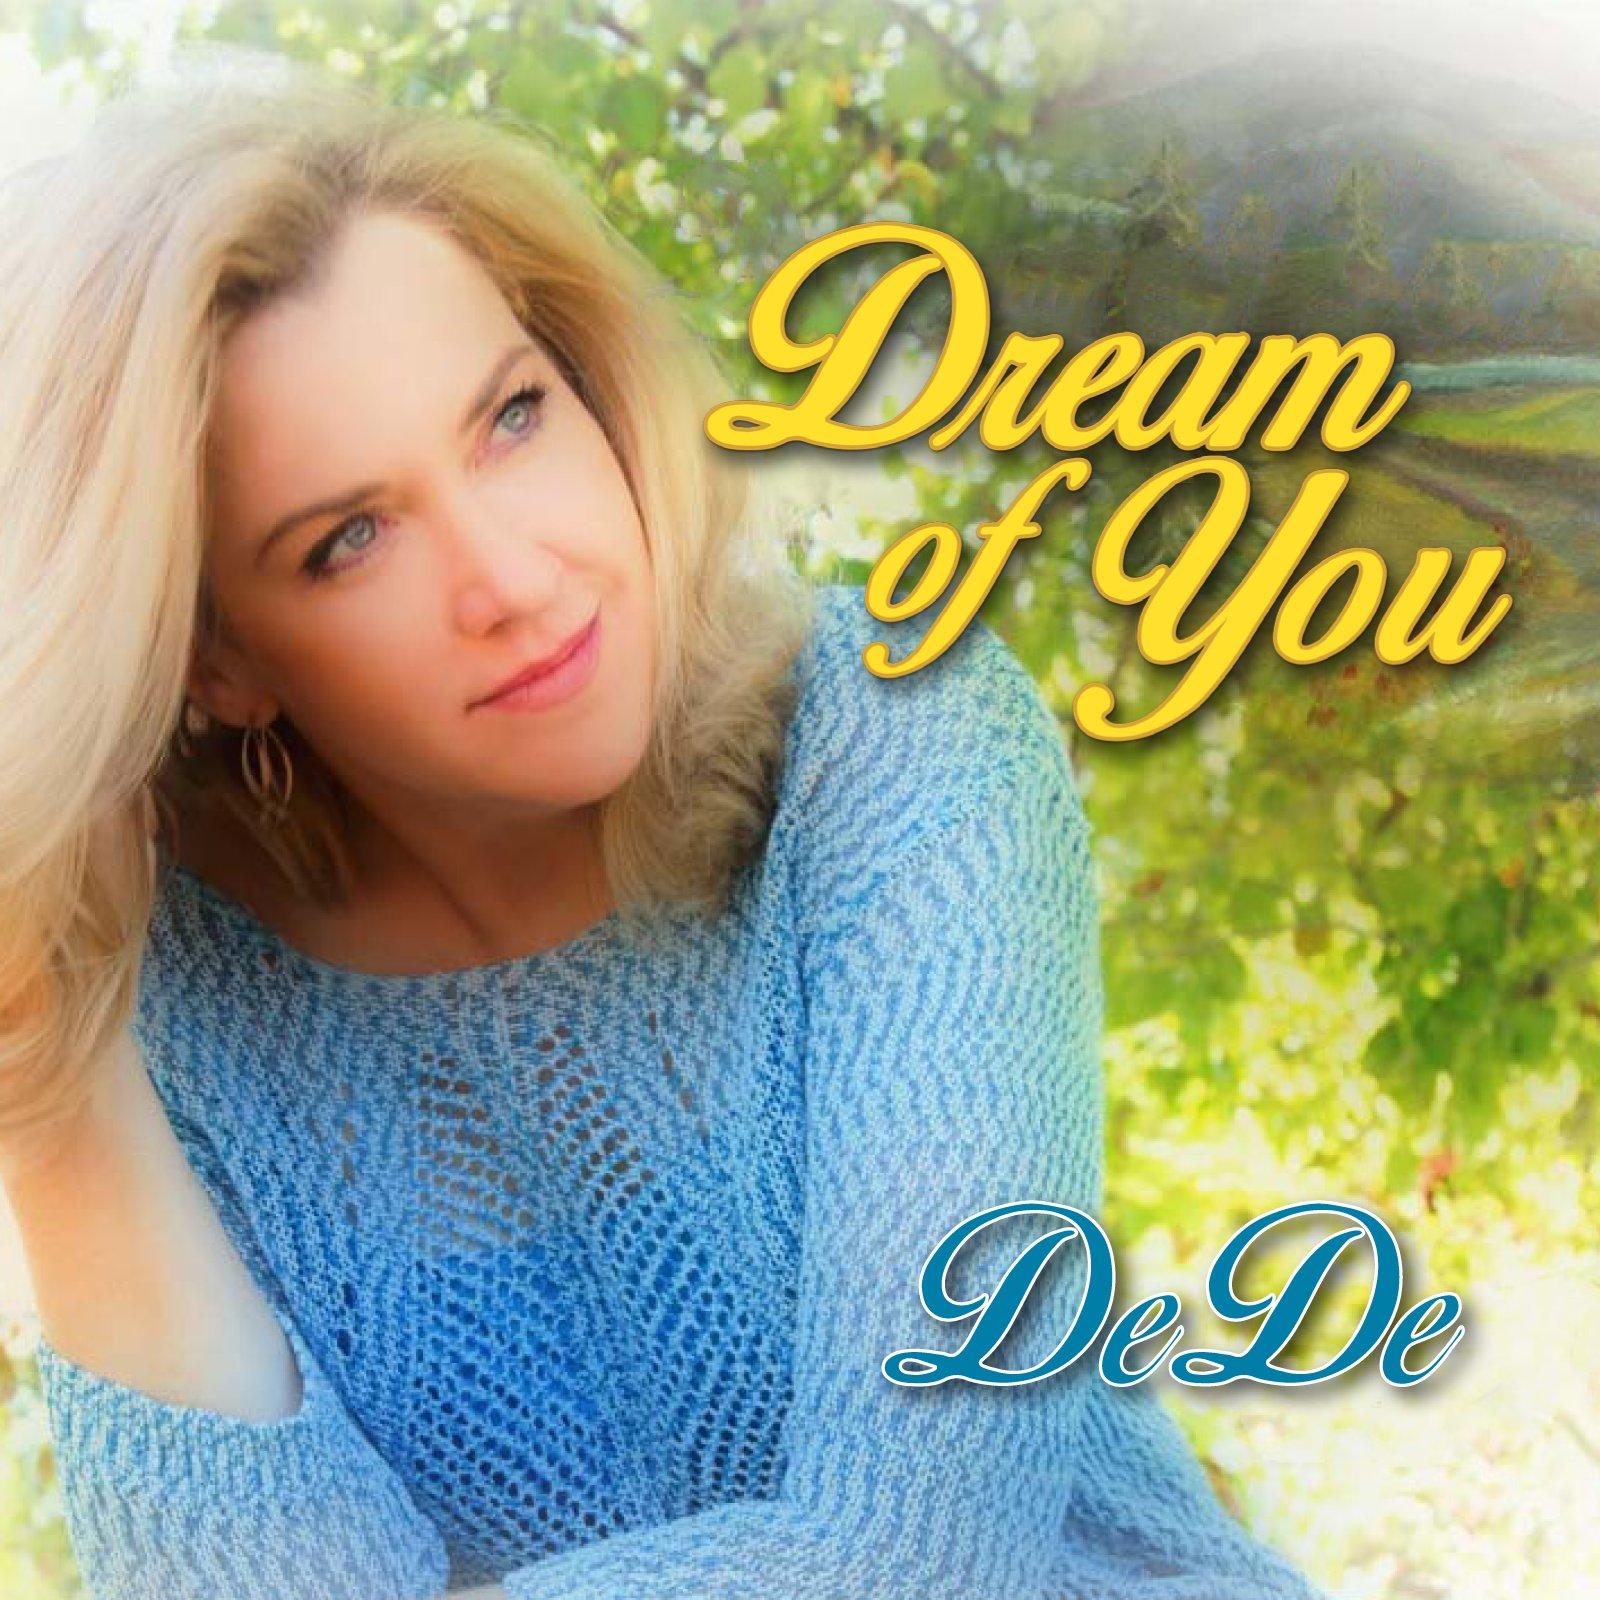 NEW! Dream of You Album Cover